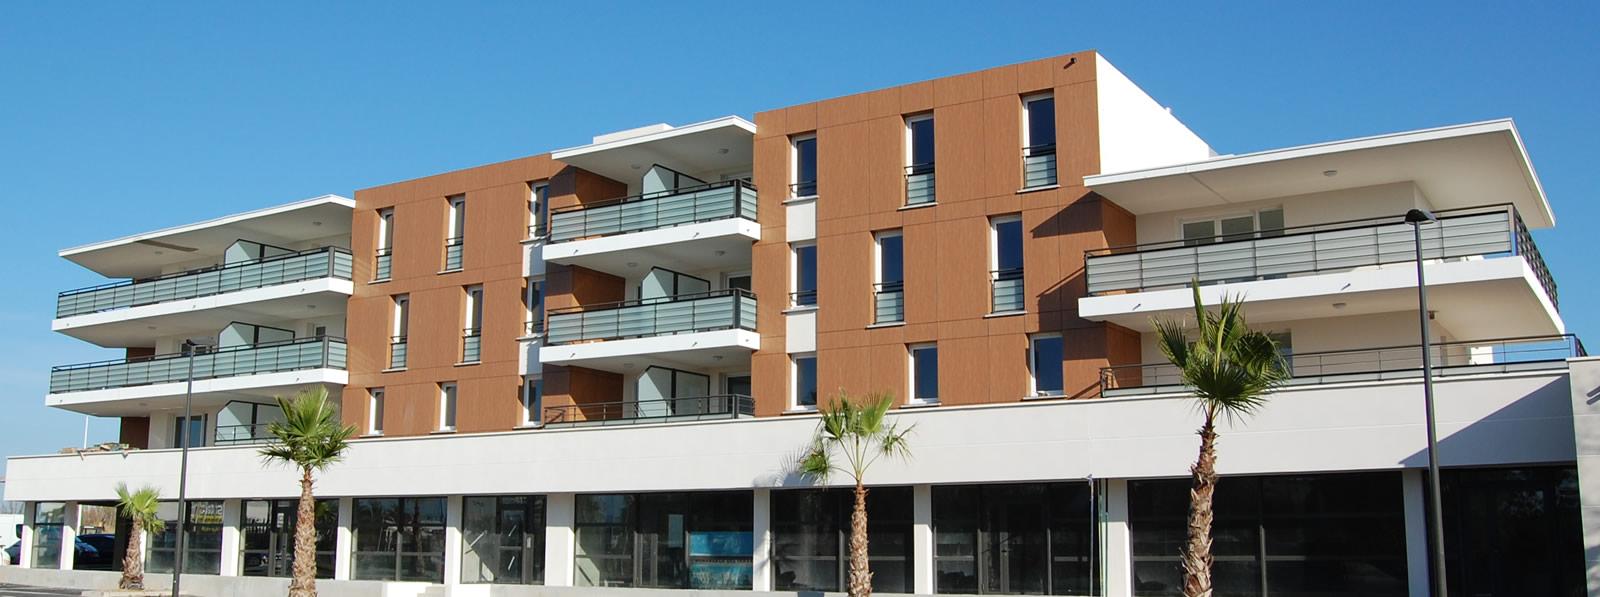 Acheter un appartement neuf à Montpellier: bénéficier d'un prêt à taux zéro